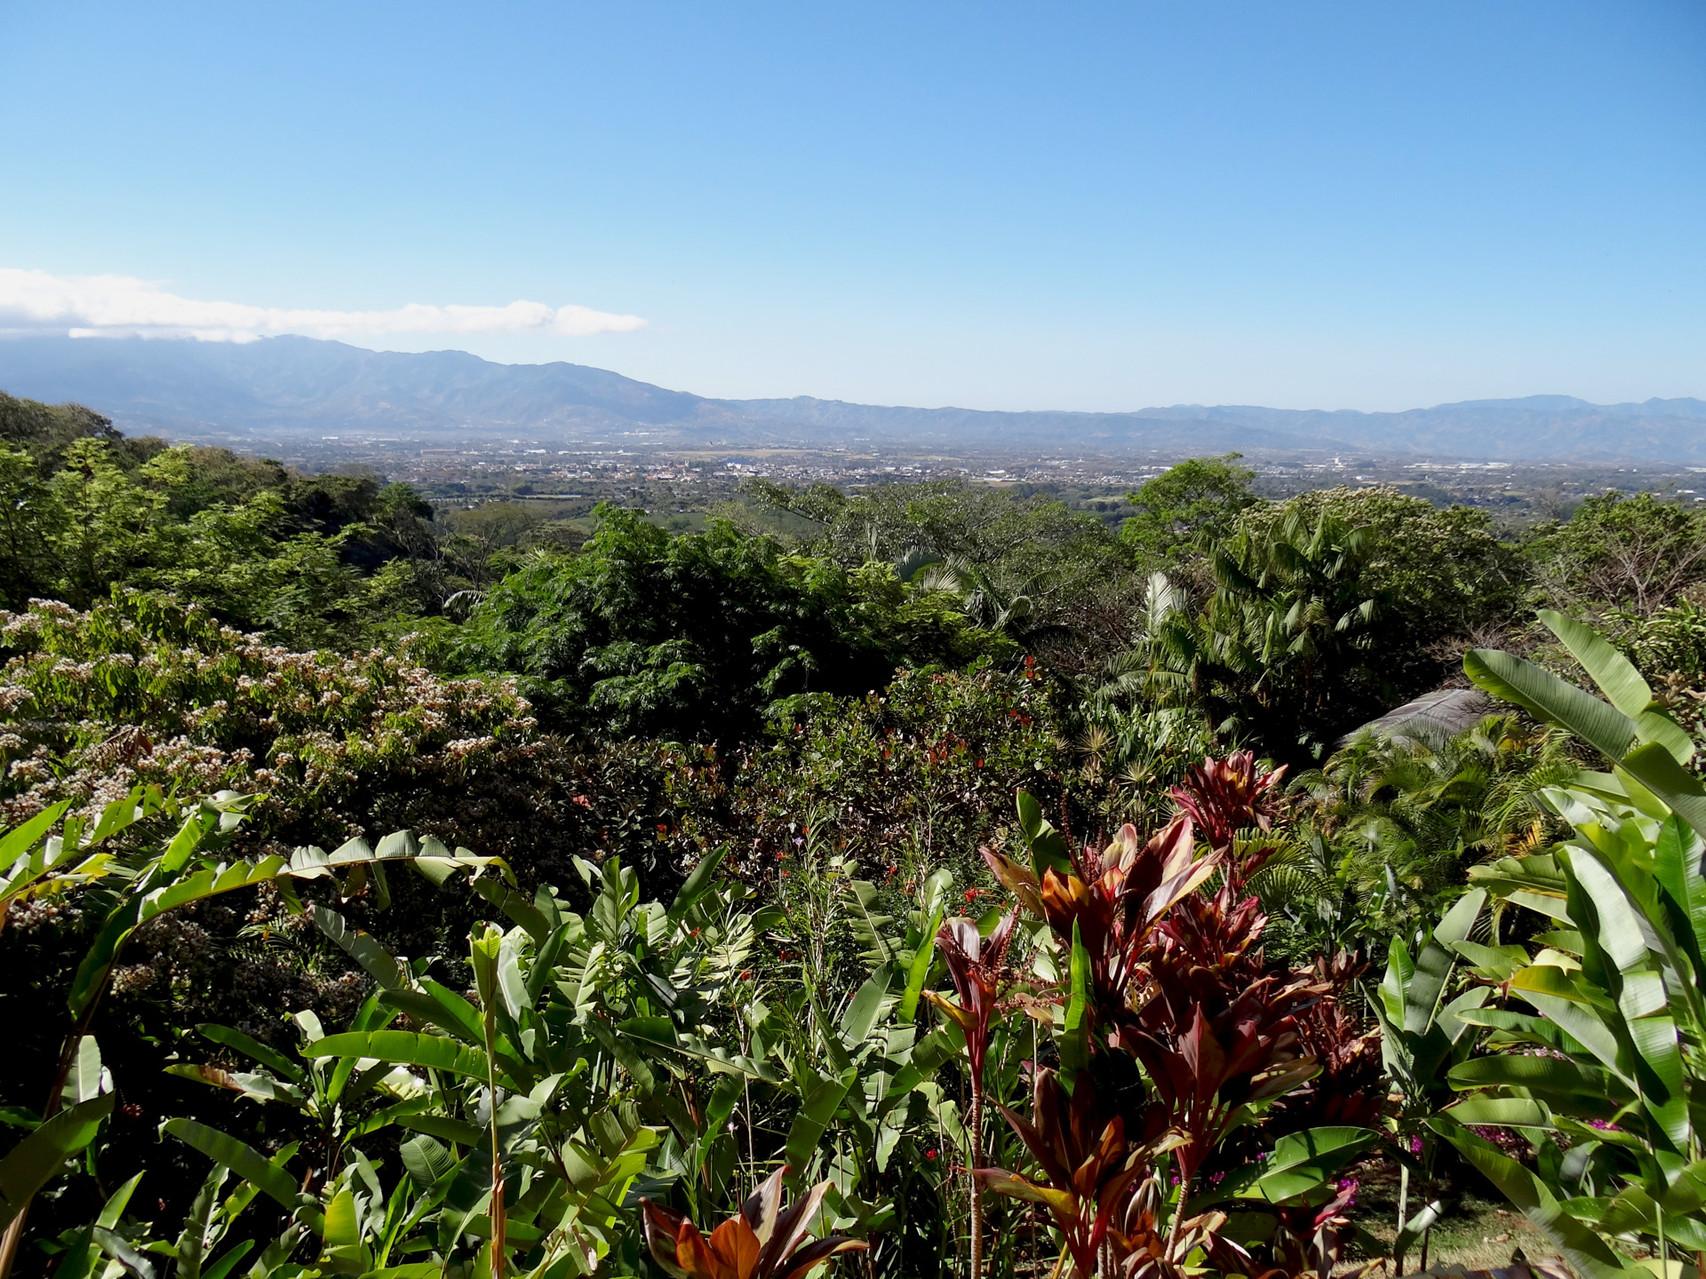 Blick von der Terrasse des Xandari-Hotels auf San José/Alajuela